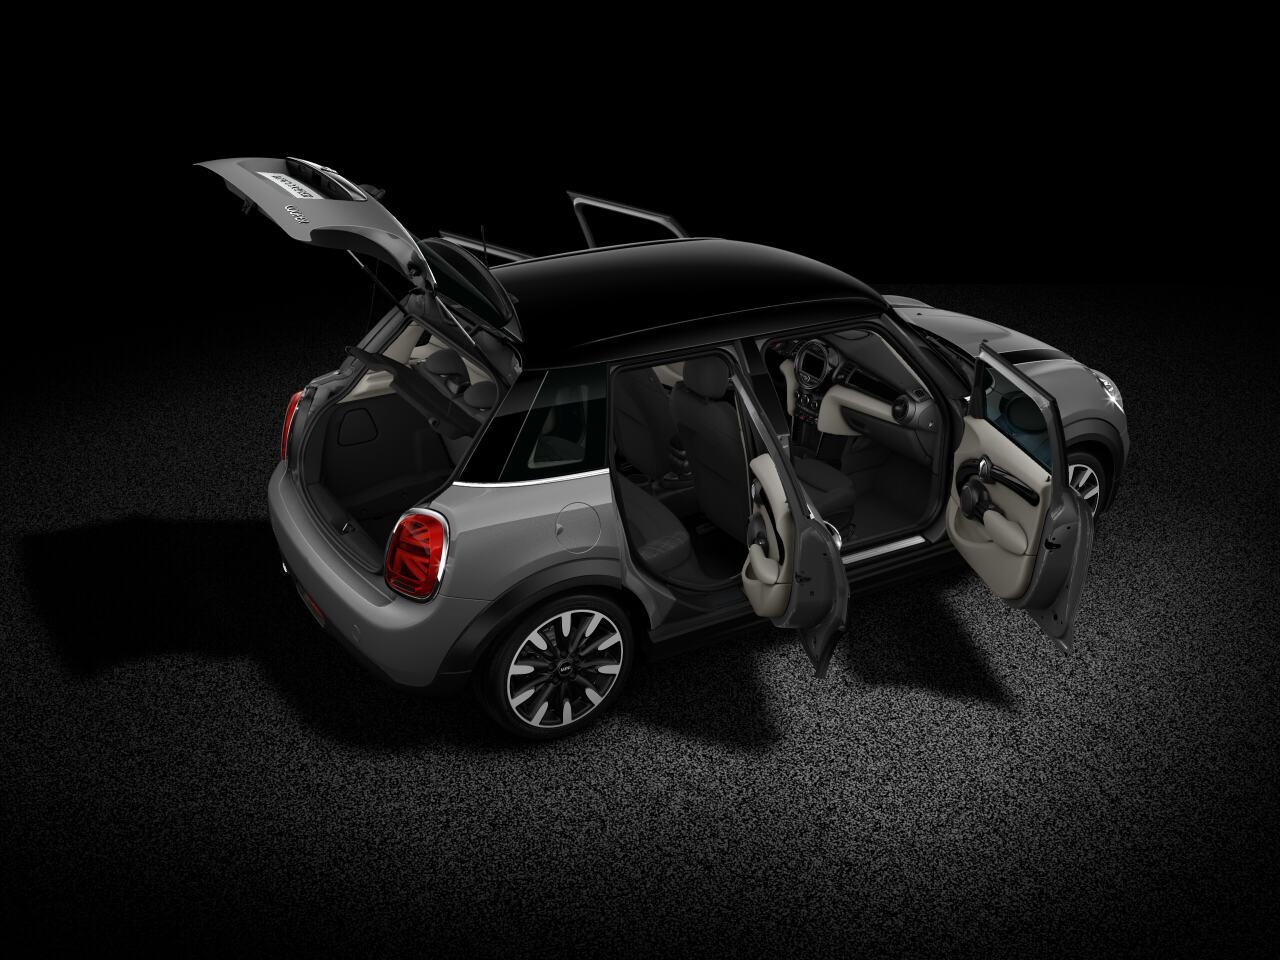 MINI Cooper Hatch 5 Door open body profile